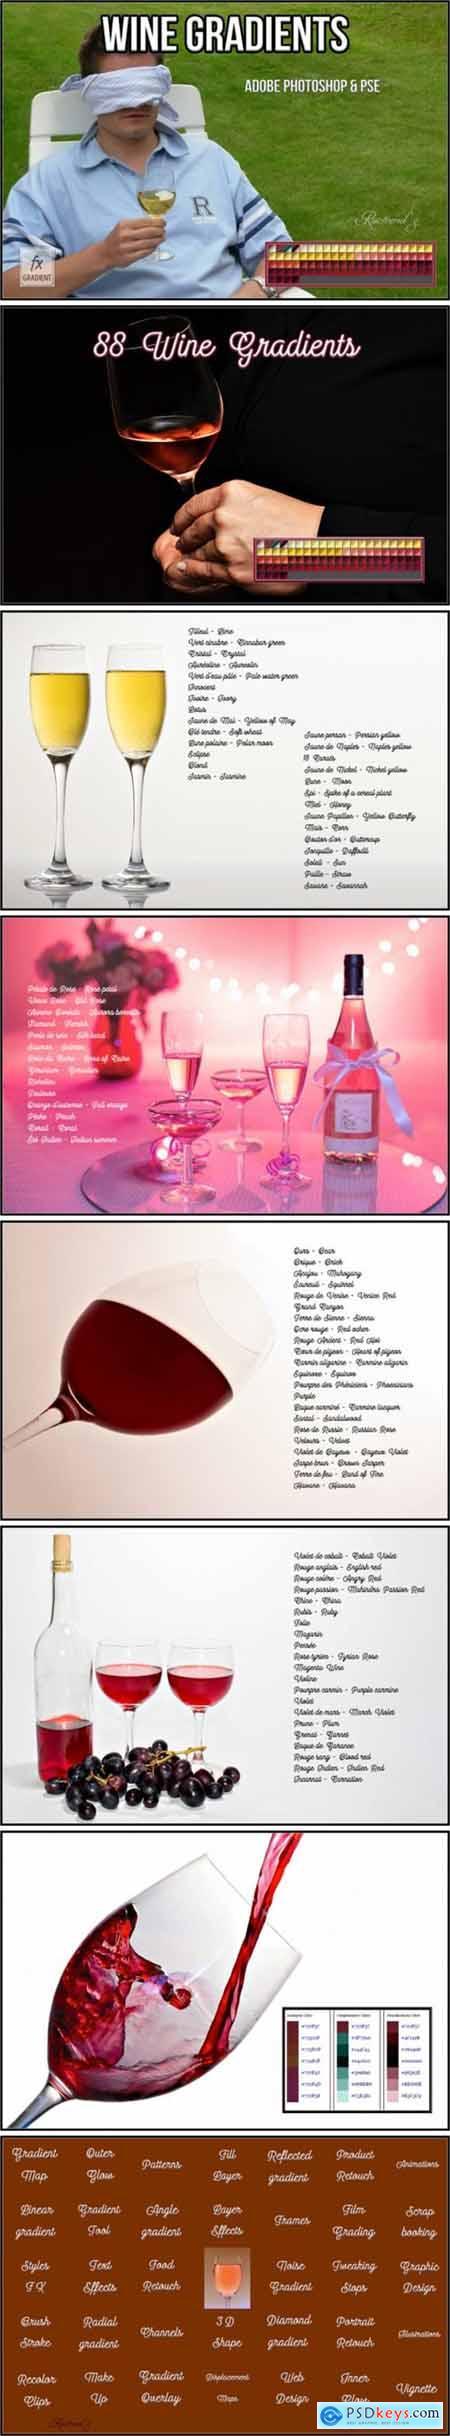 Wine Gradients 4236407